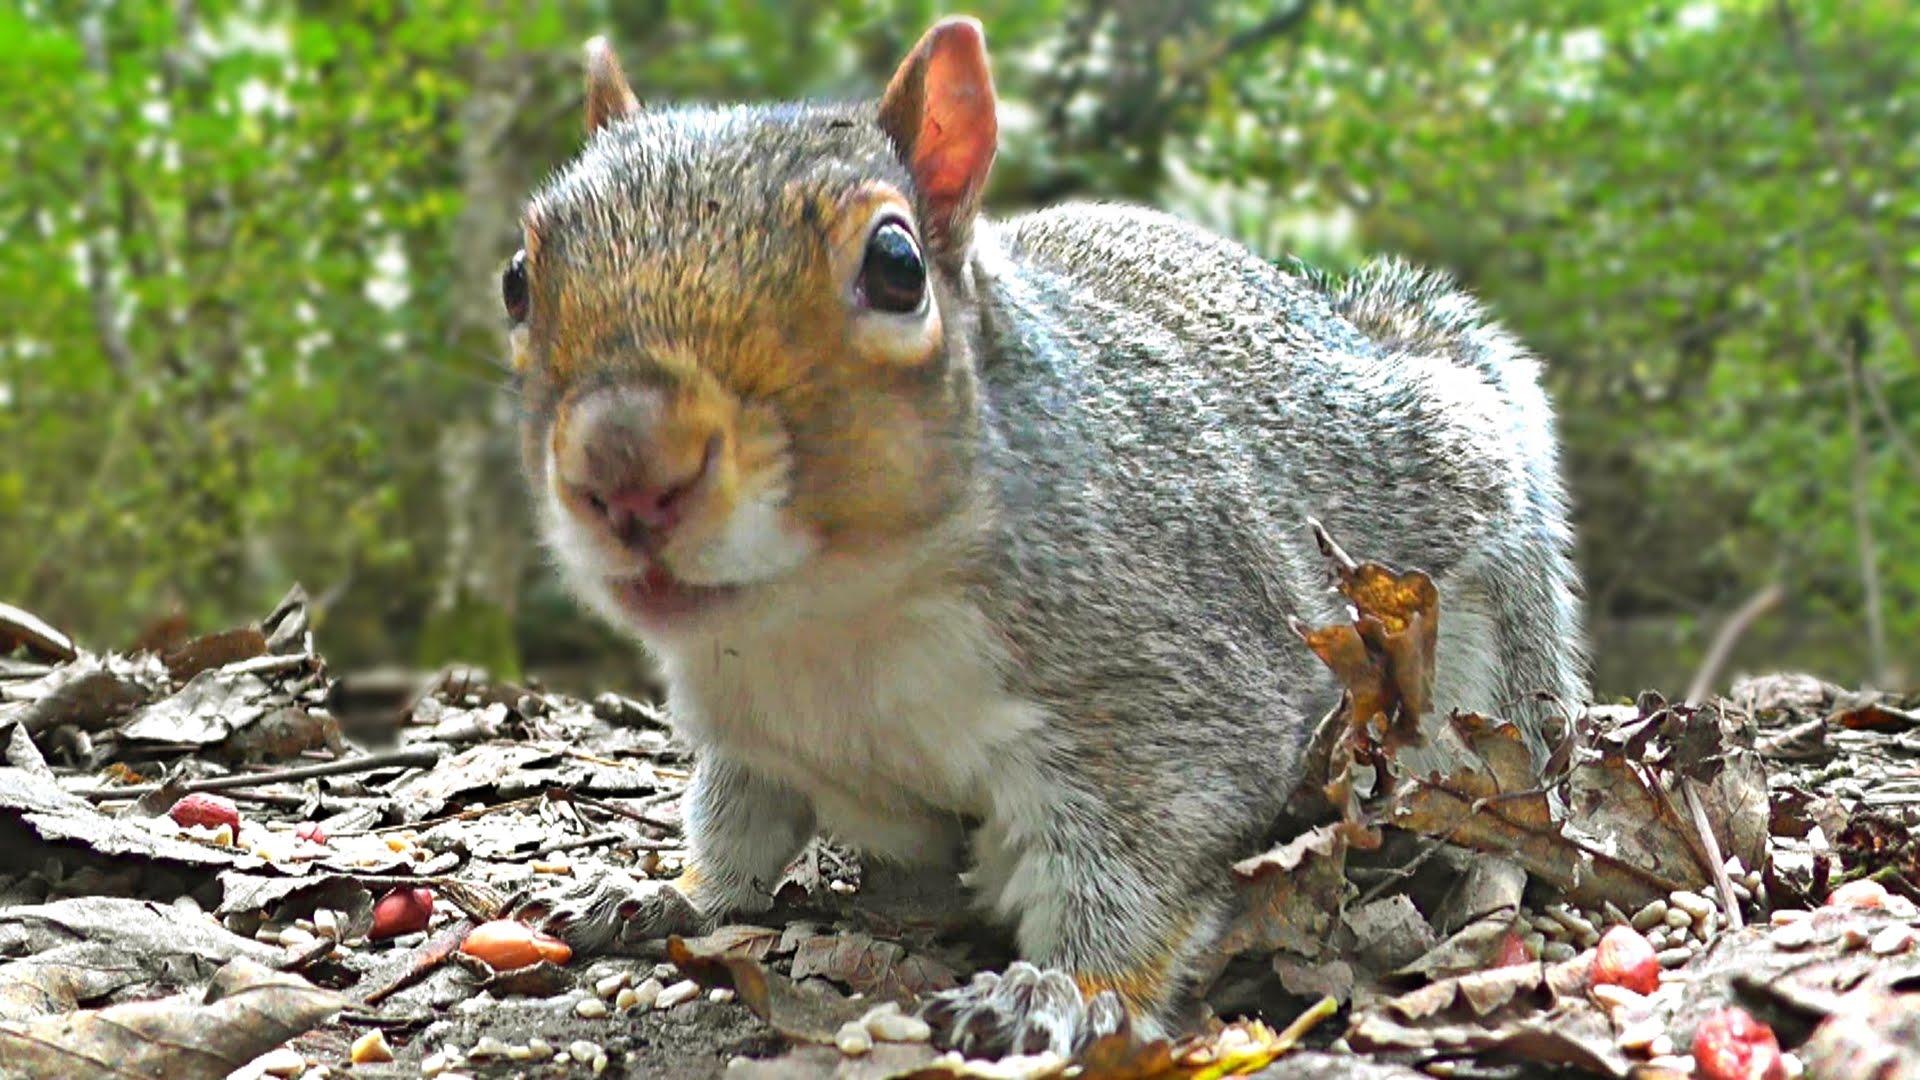 Watching squirrel photo